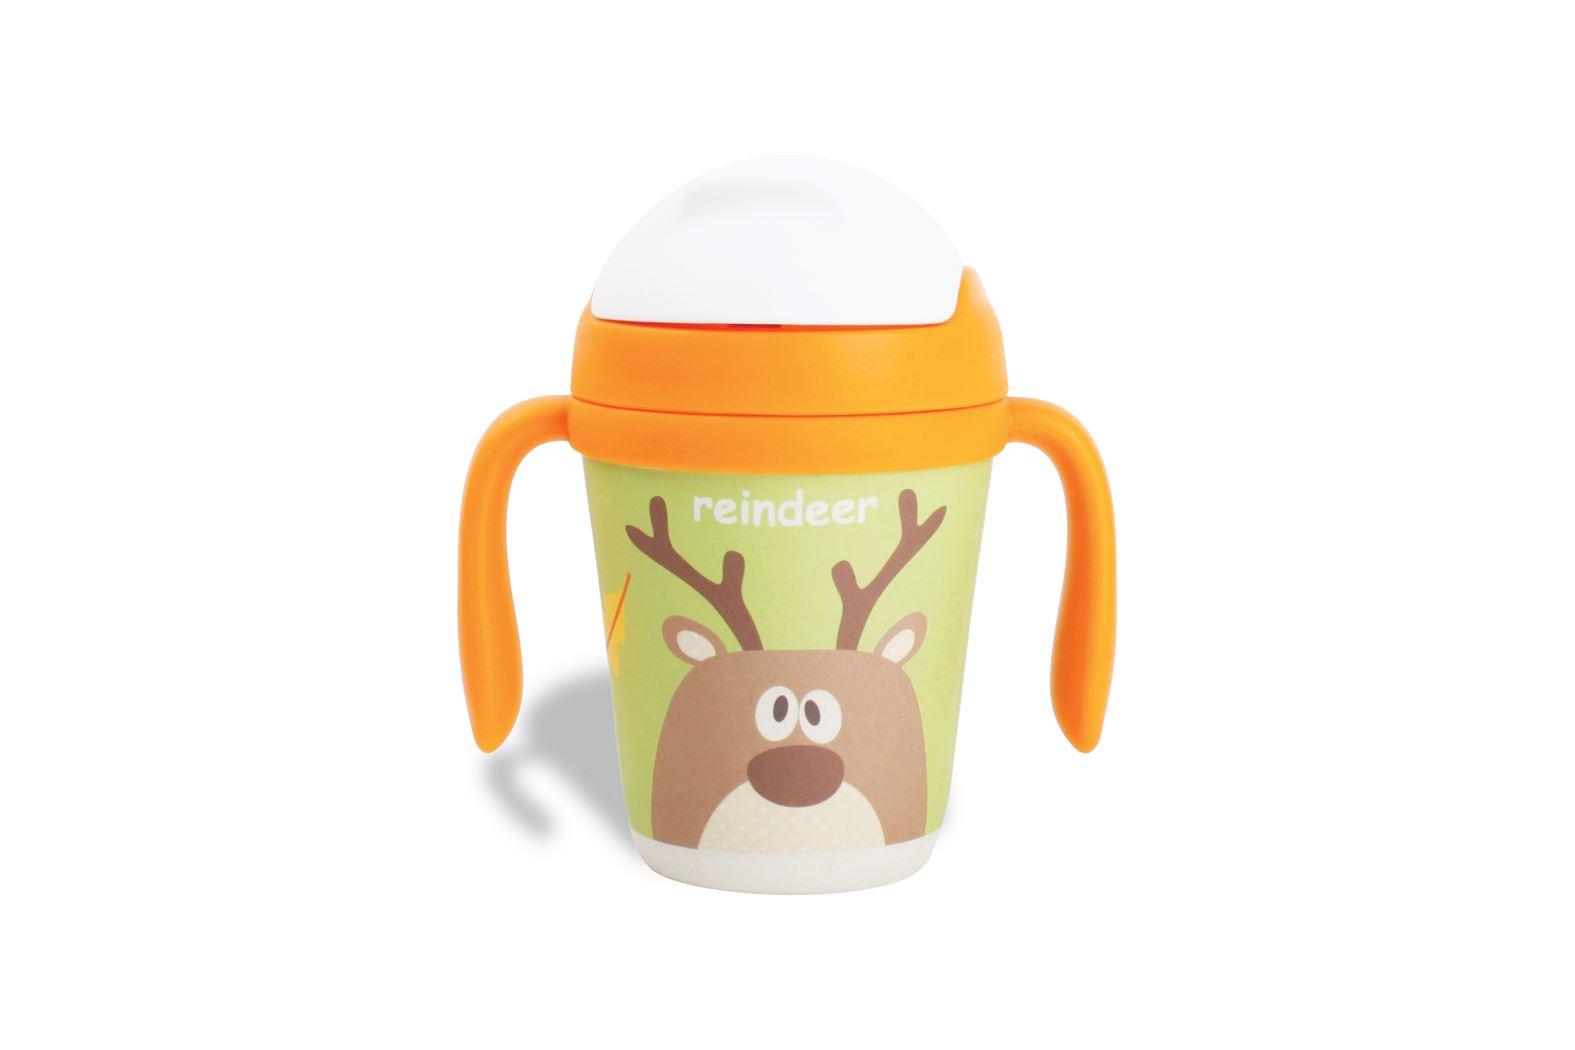 drinkbeker + rietje 2greep bamboevezel reindeer